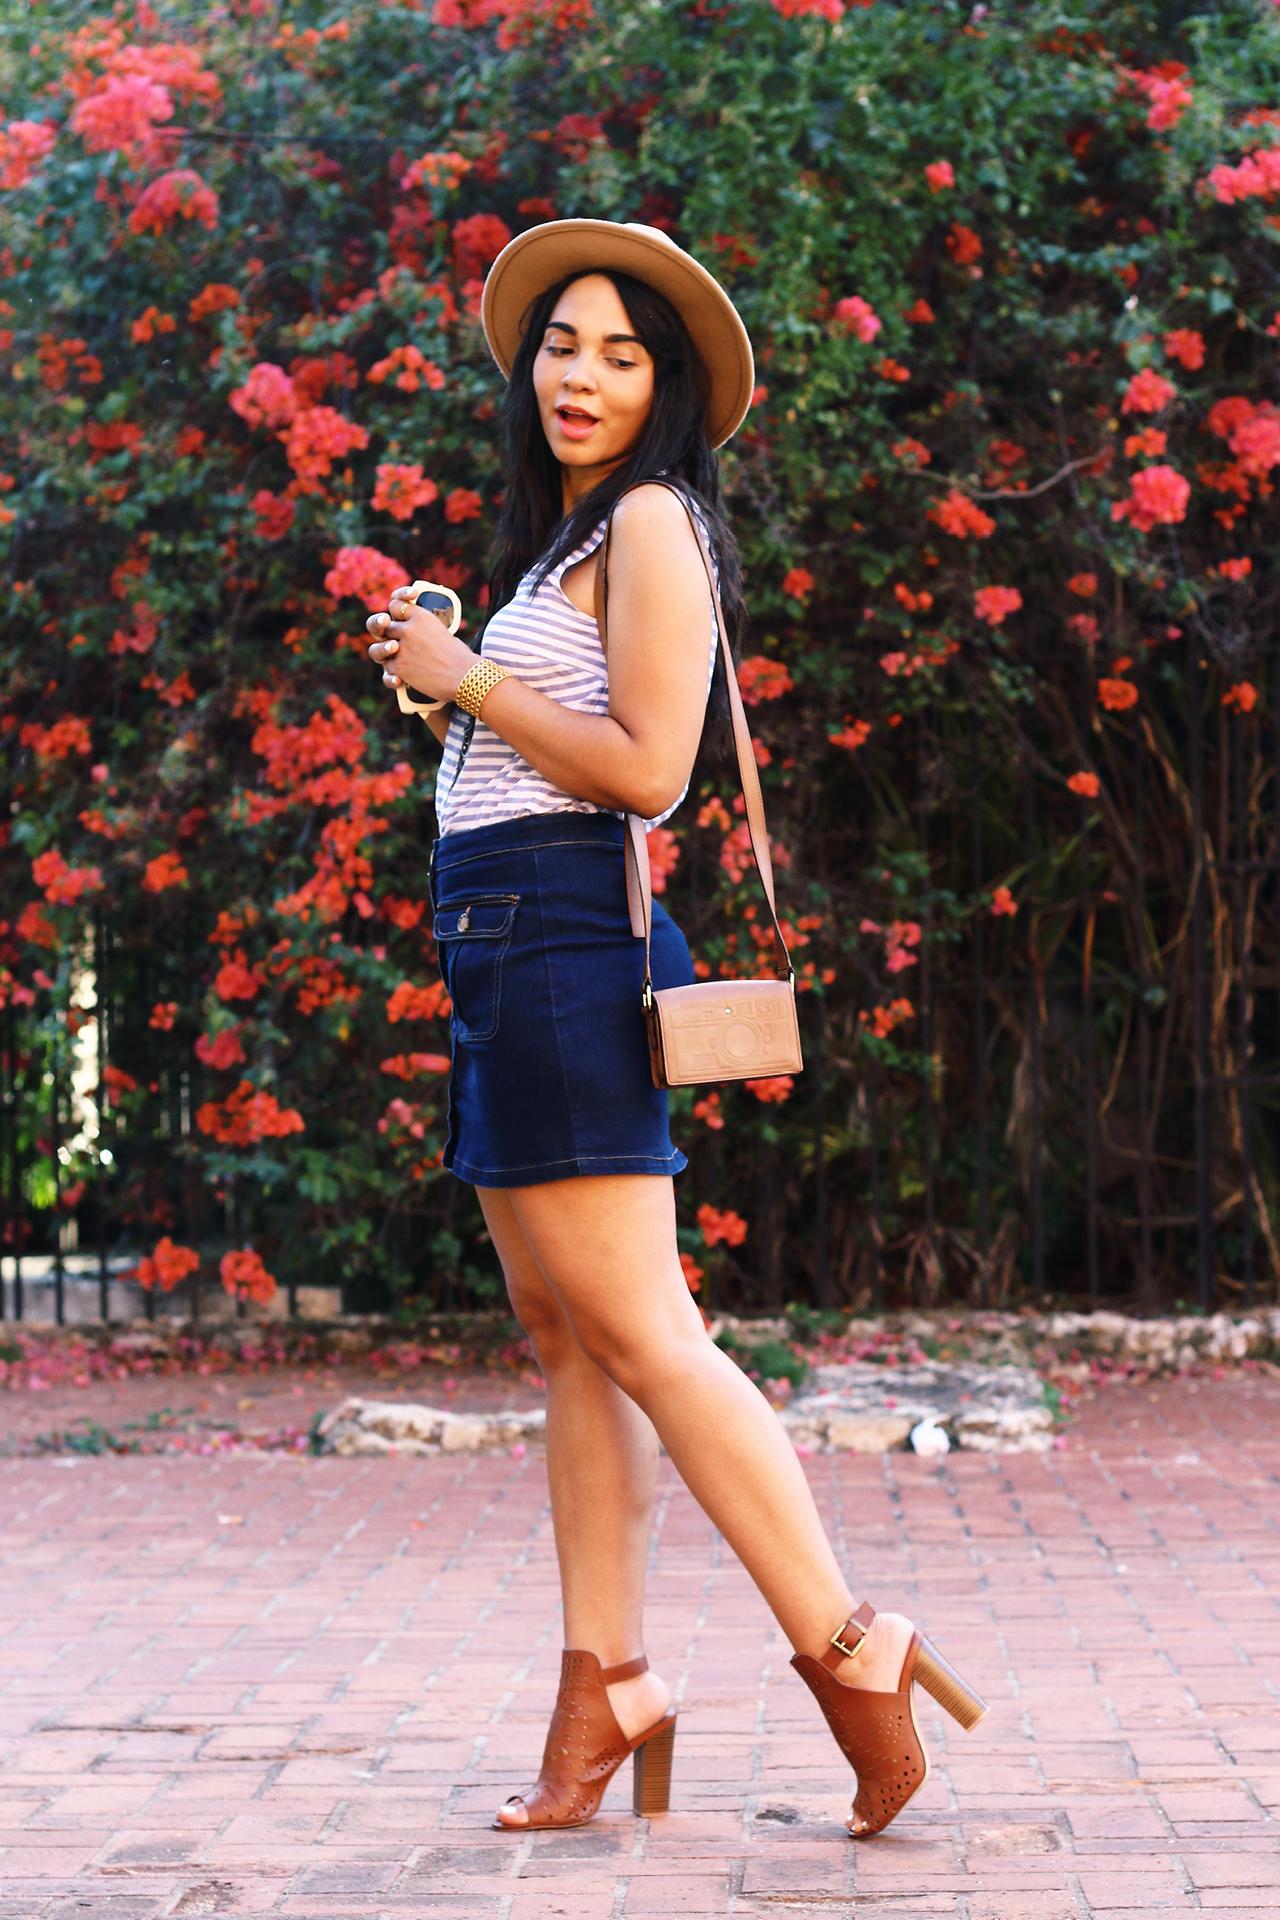 La Mini Falda De Denim | Aprende Como Lucirla // La mini falda de denim está de vuelta! ¿No sabes cómo usarla? Aquí están mis mejores consejos para lucirla y crear looks diferentes.